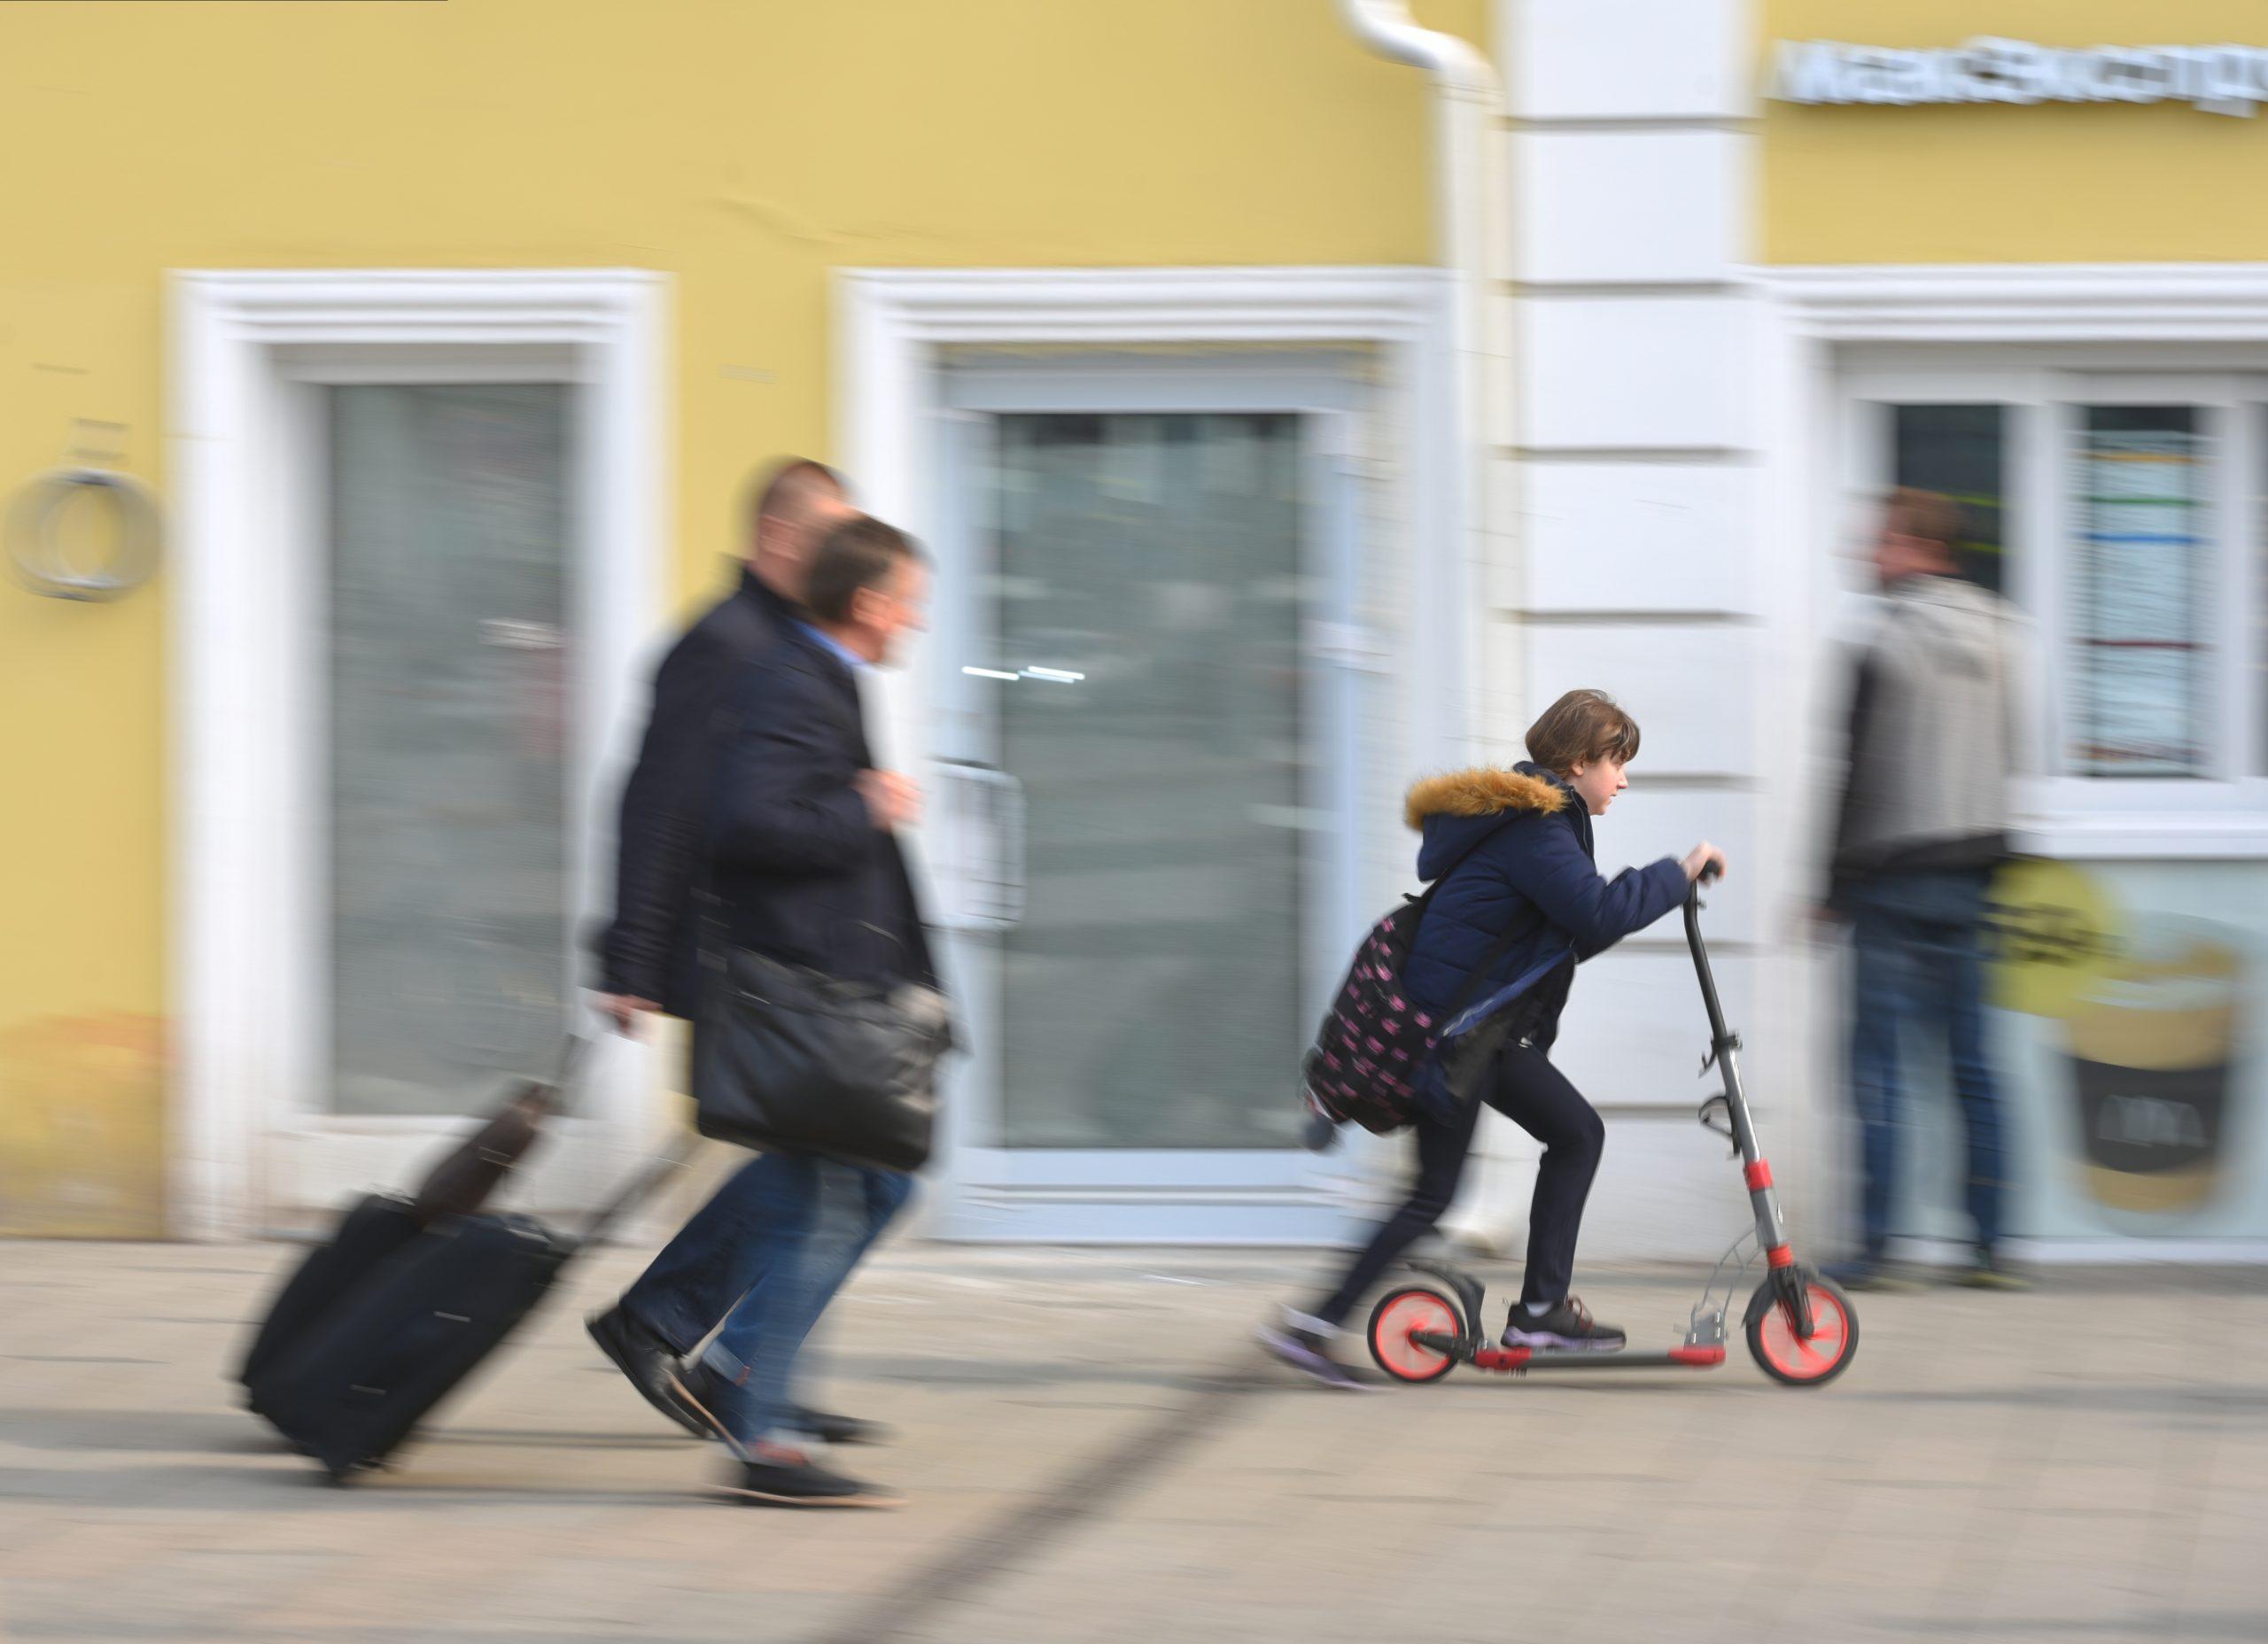 Прокат электросамокатов в Москве увеличится до 10 тысяч единиц